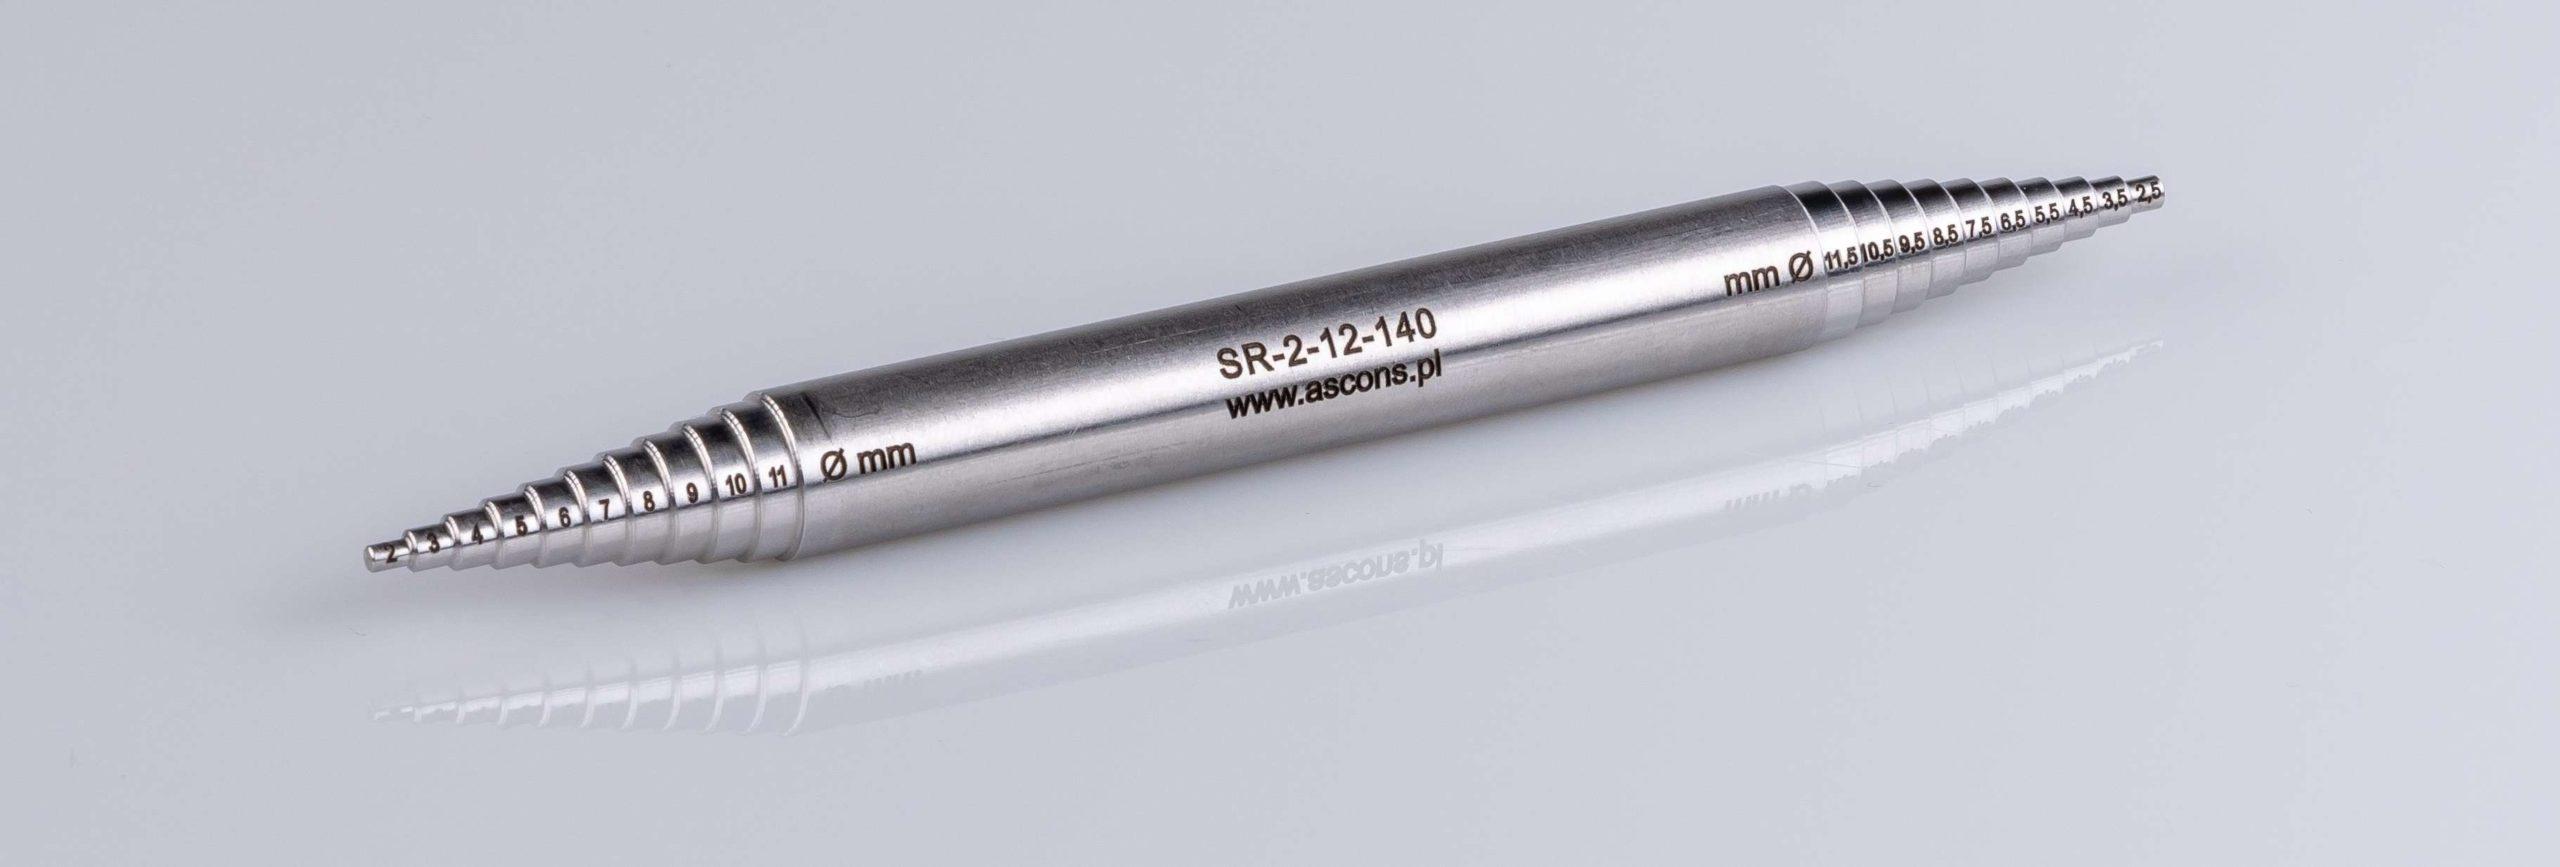 Sprawdzian do dysz i tulei (SR-2-12-140)